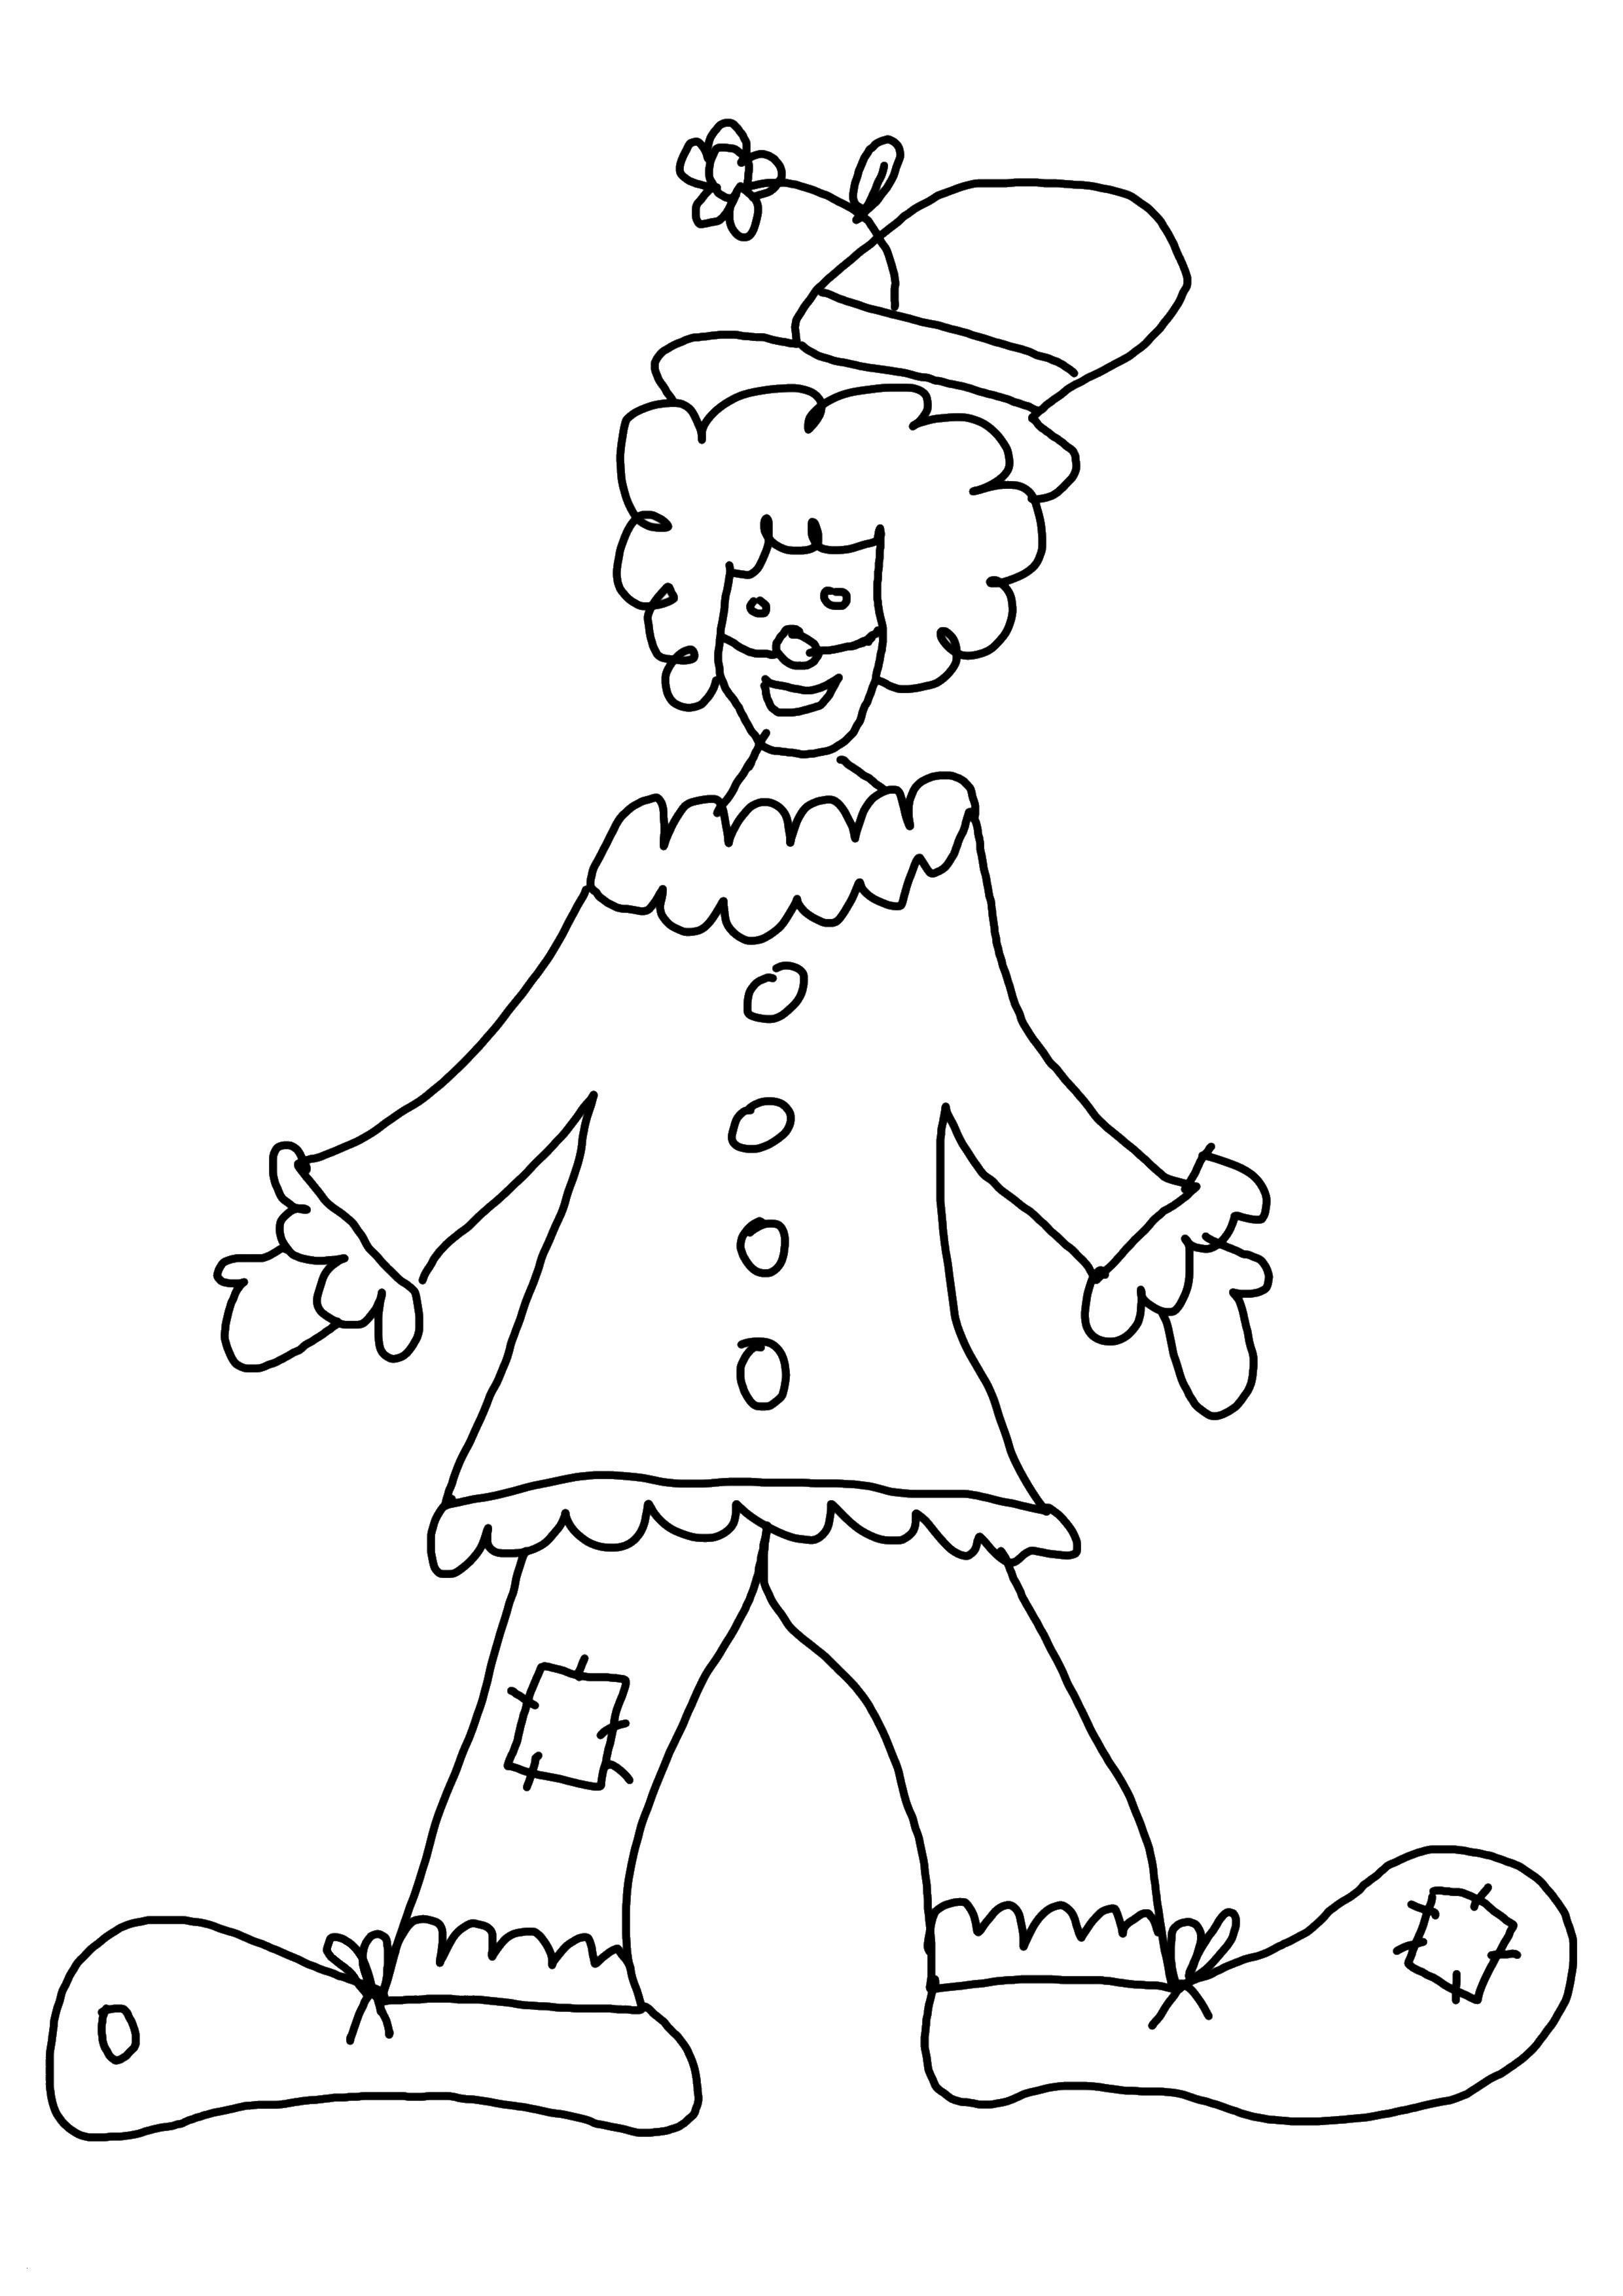 Clown Zum Ausmalen Neu Malvorlagen Clown Inspirierend 40 Clown Ausmalbilder Ausdrucken Sammlung